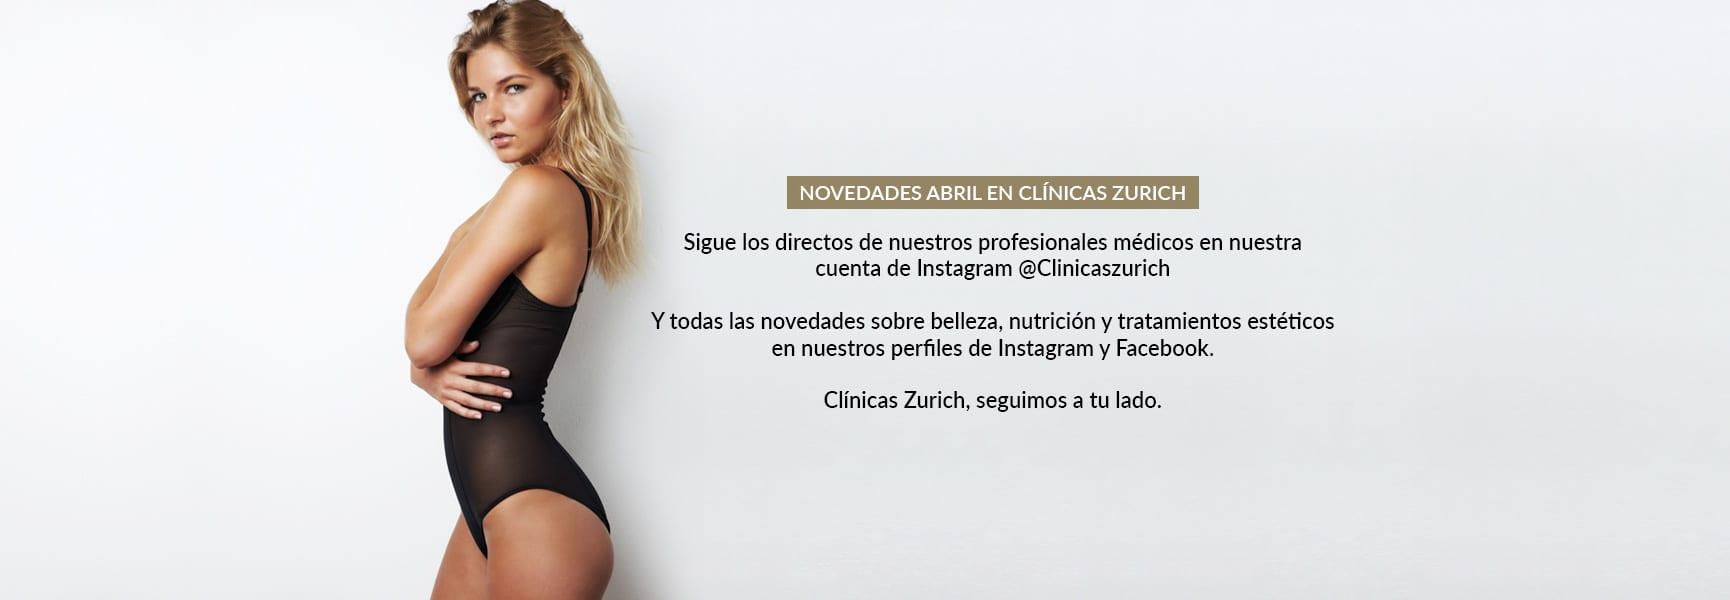 Sigue los directos de nuestros profesionales médicos en nuestra cuenta de instagram @ClinicasZurich. Y todas las novedades sobre belleza, nutrición y tratamientos estéticos en nuestros perfiles de instagram y facebook.